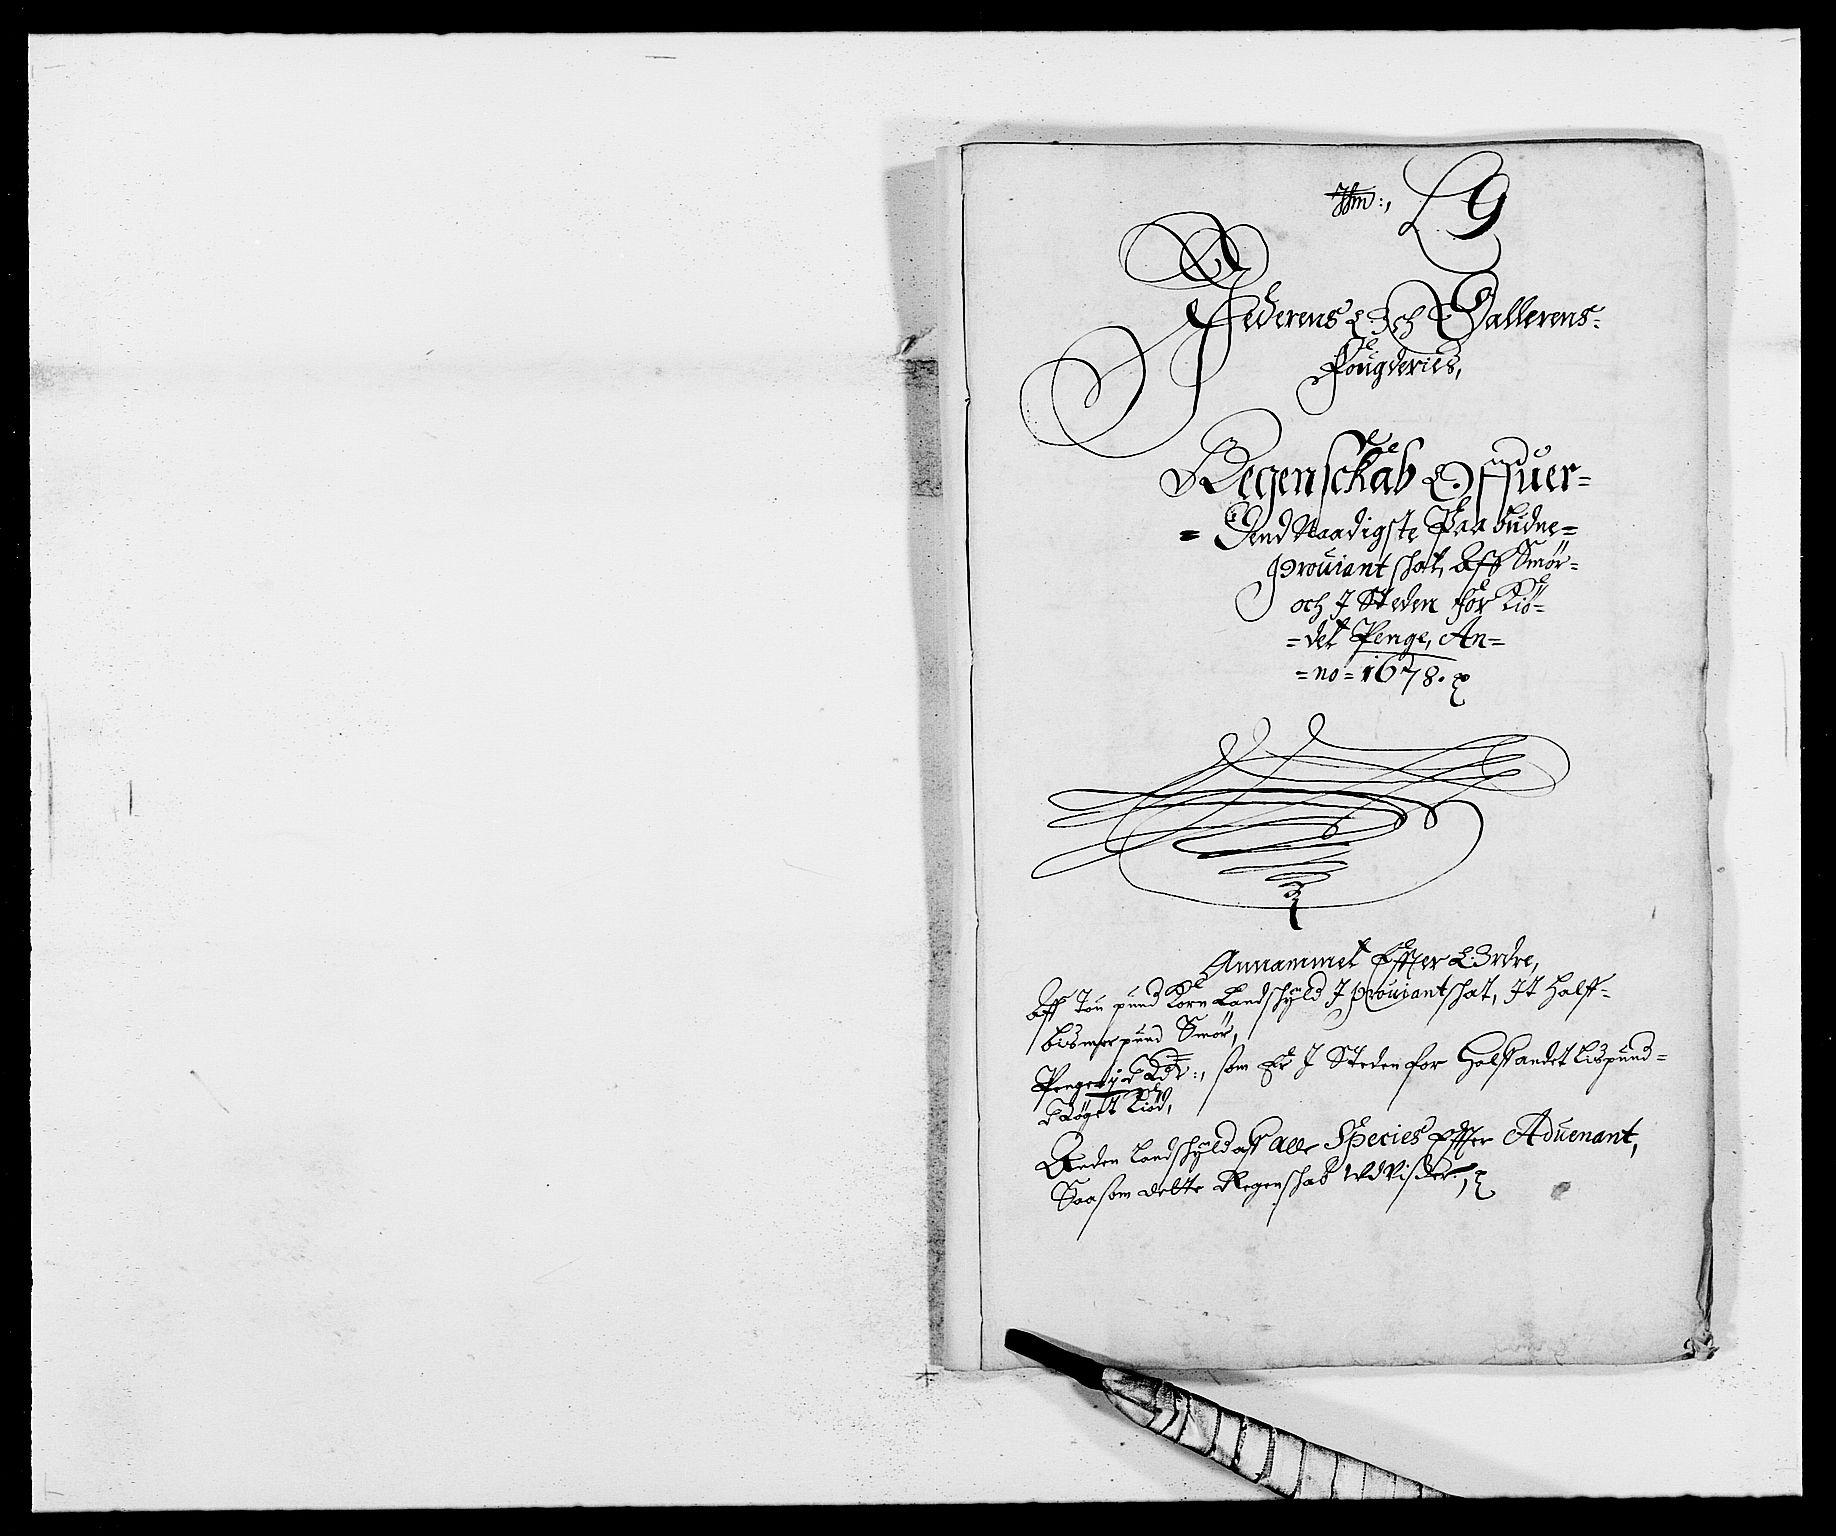 RA, Rentekammeret inntil 1814, Reviderte regnskaper, Fogderegnskap, R46/L2718: Fogderegnskap Jæren og Dalane, 1678, s. 204